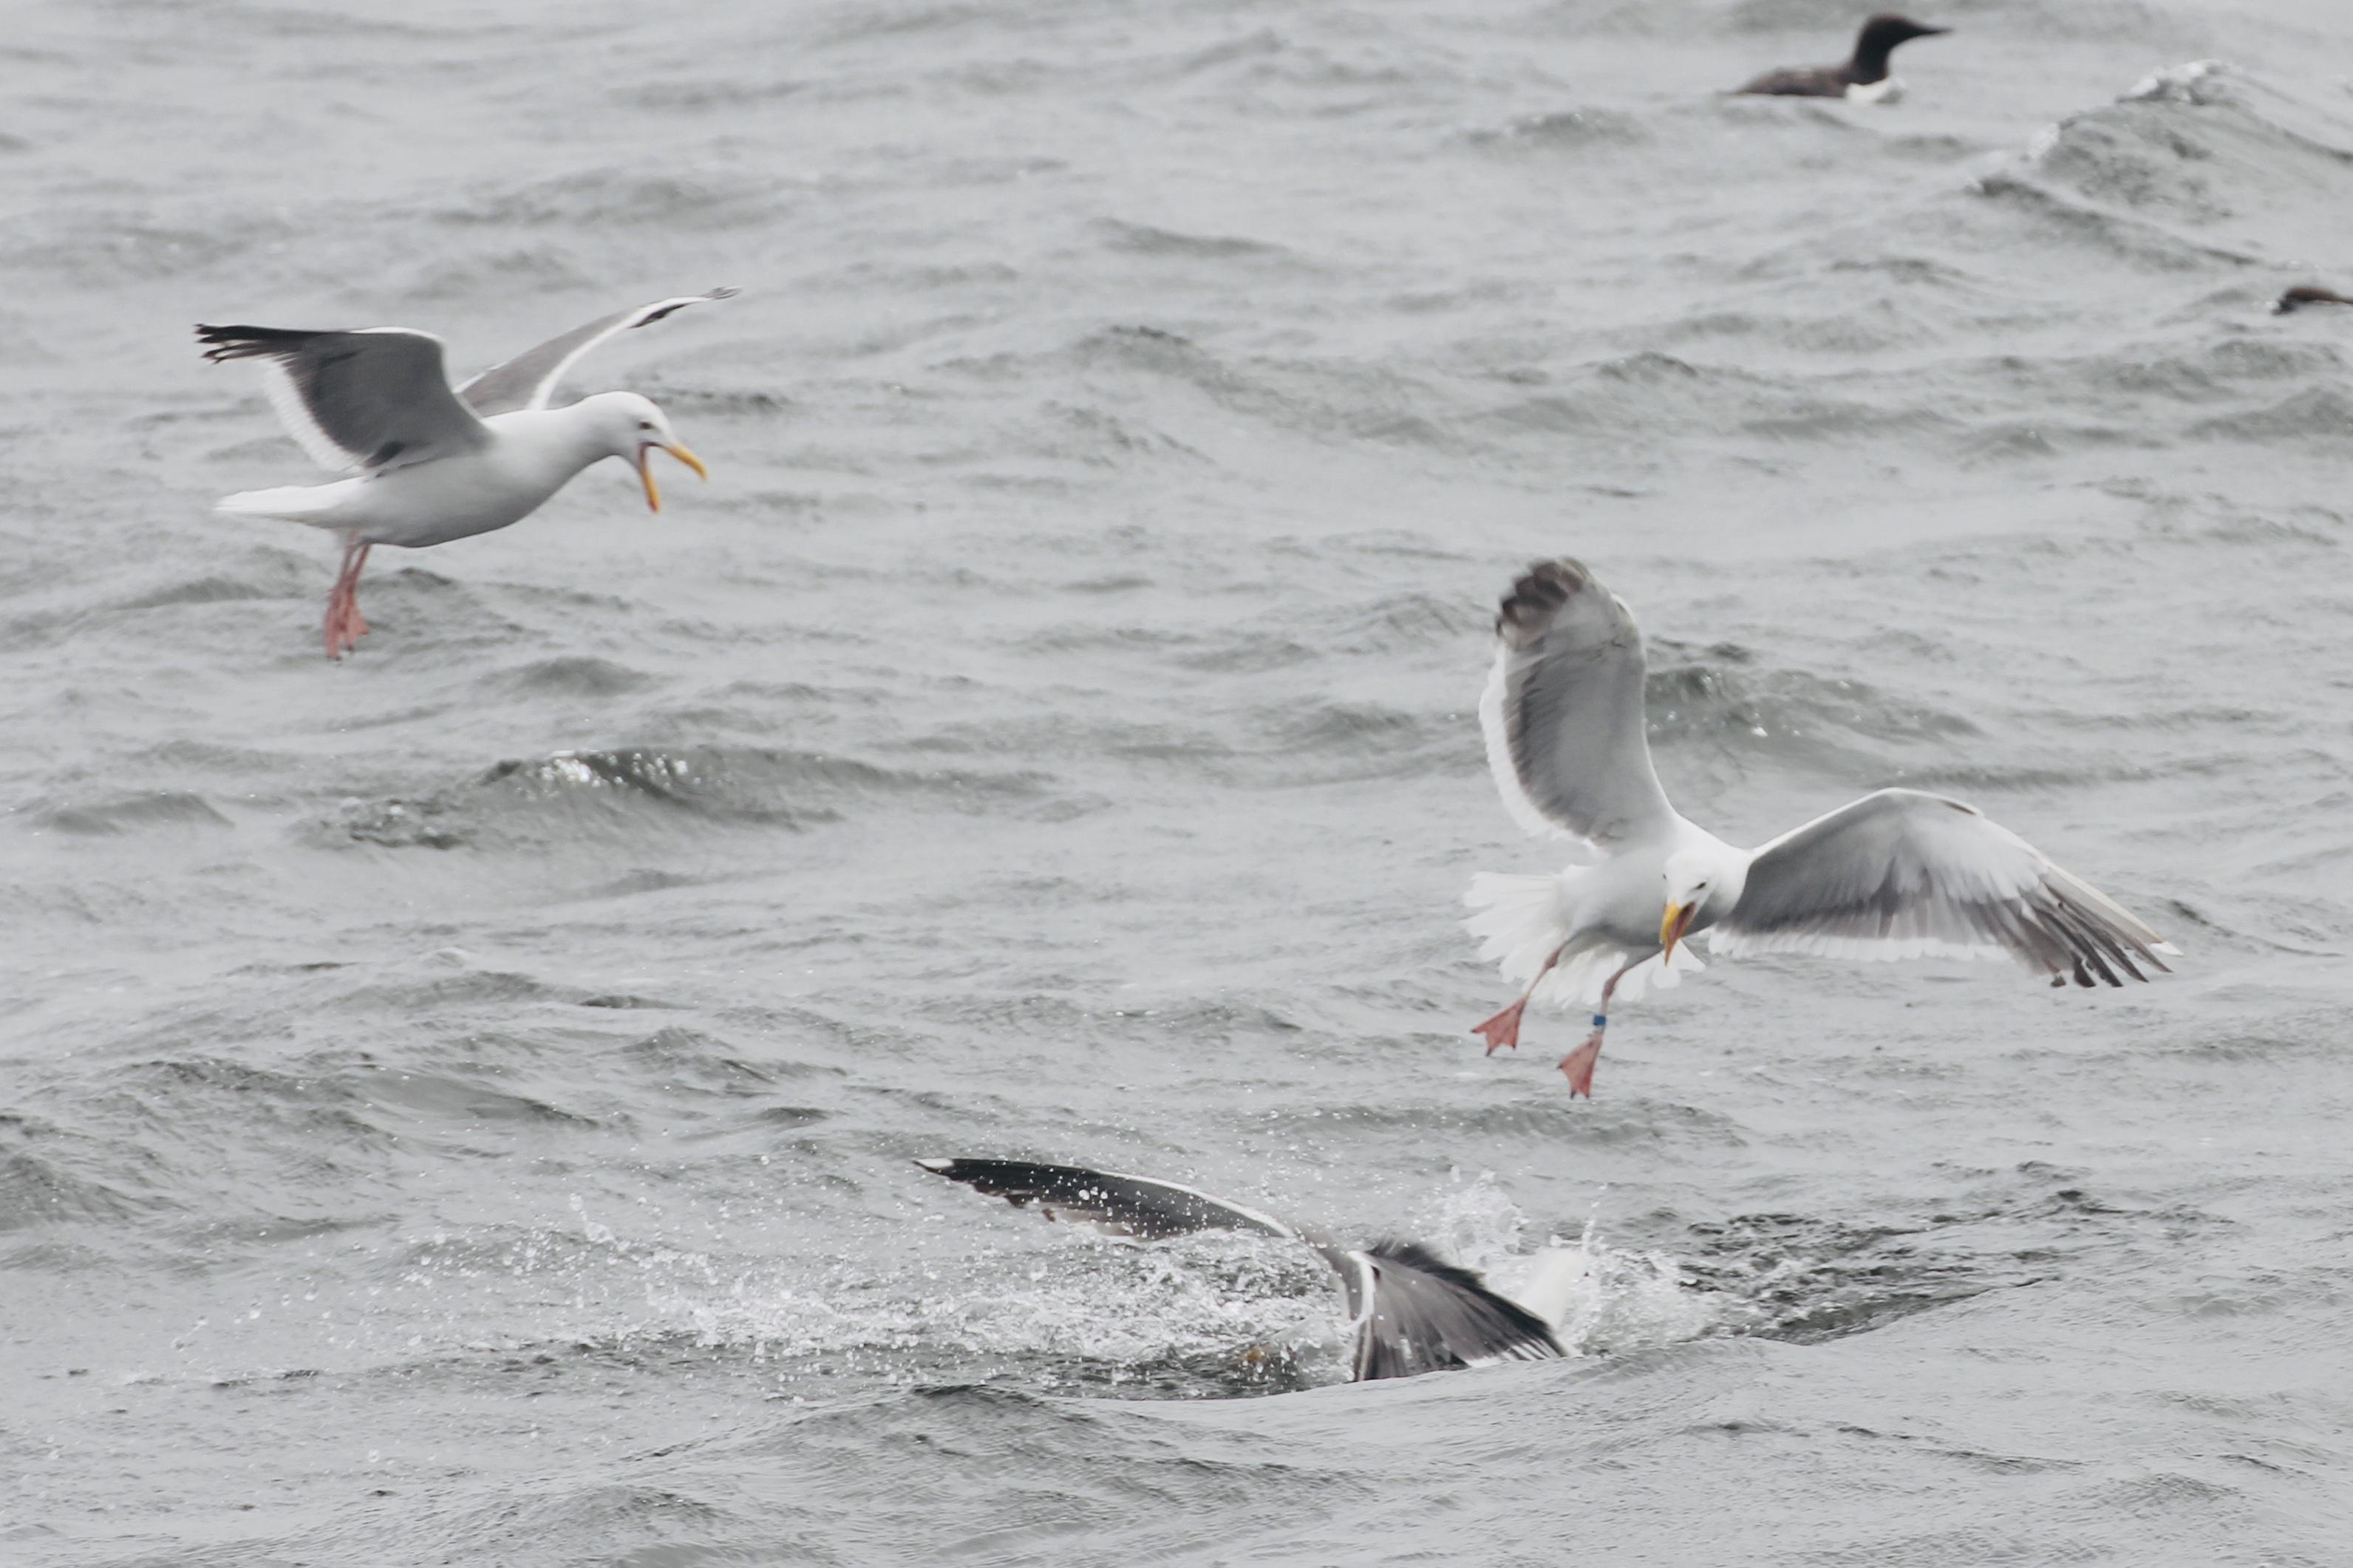 Feeding Western Gulls